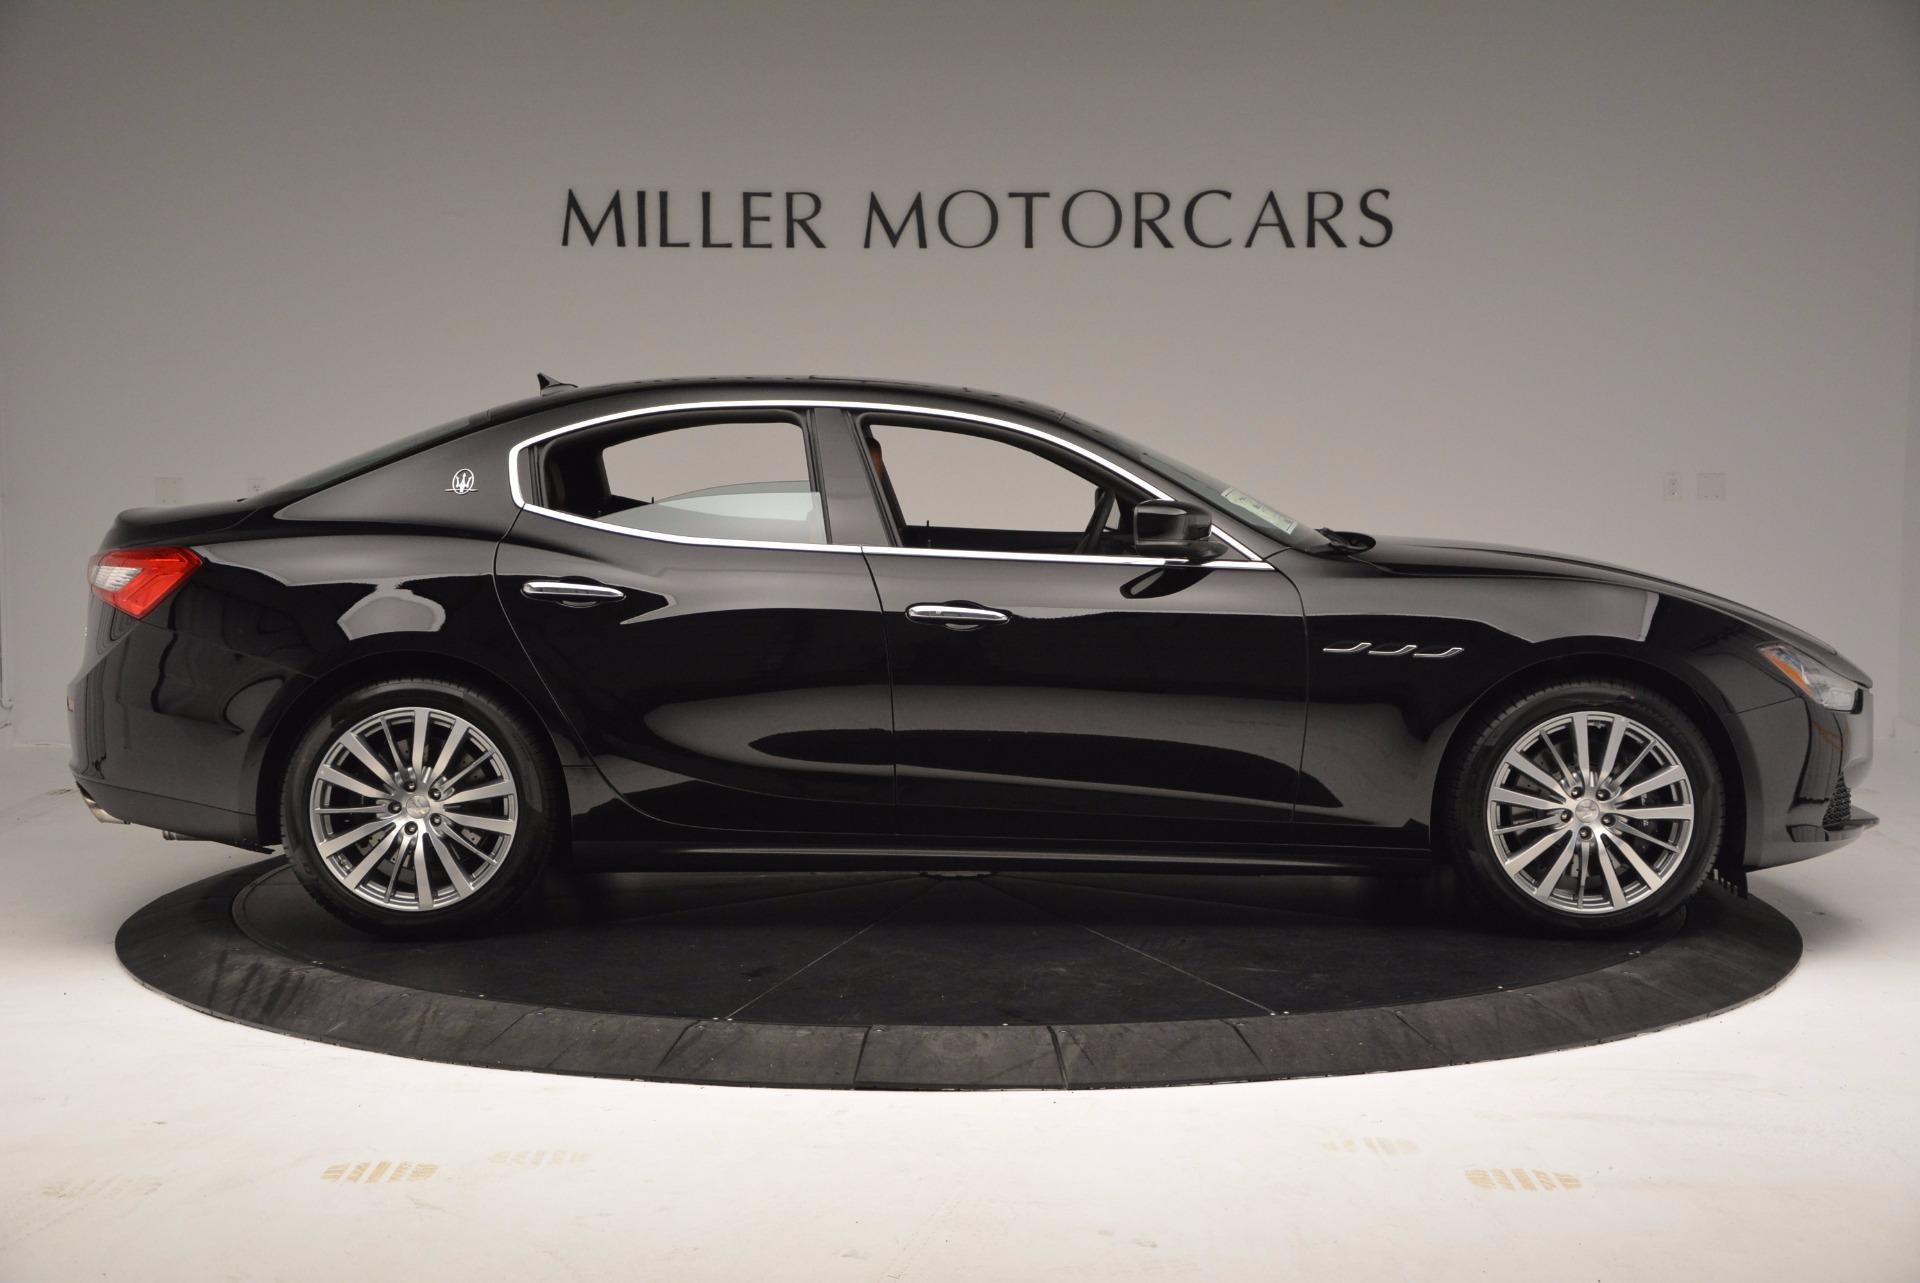 New 2017 Maserati Ghibli SQ4 For Sale In Greenwich, CT 1036_p9